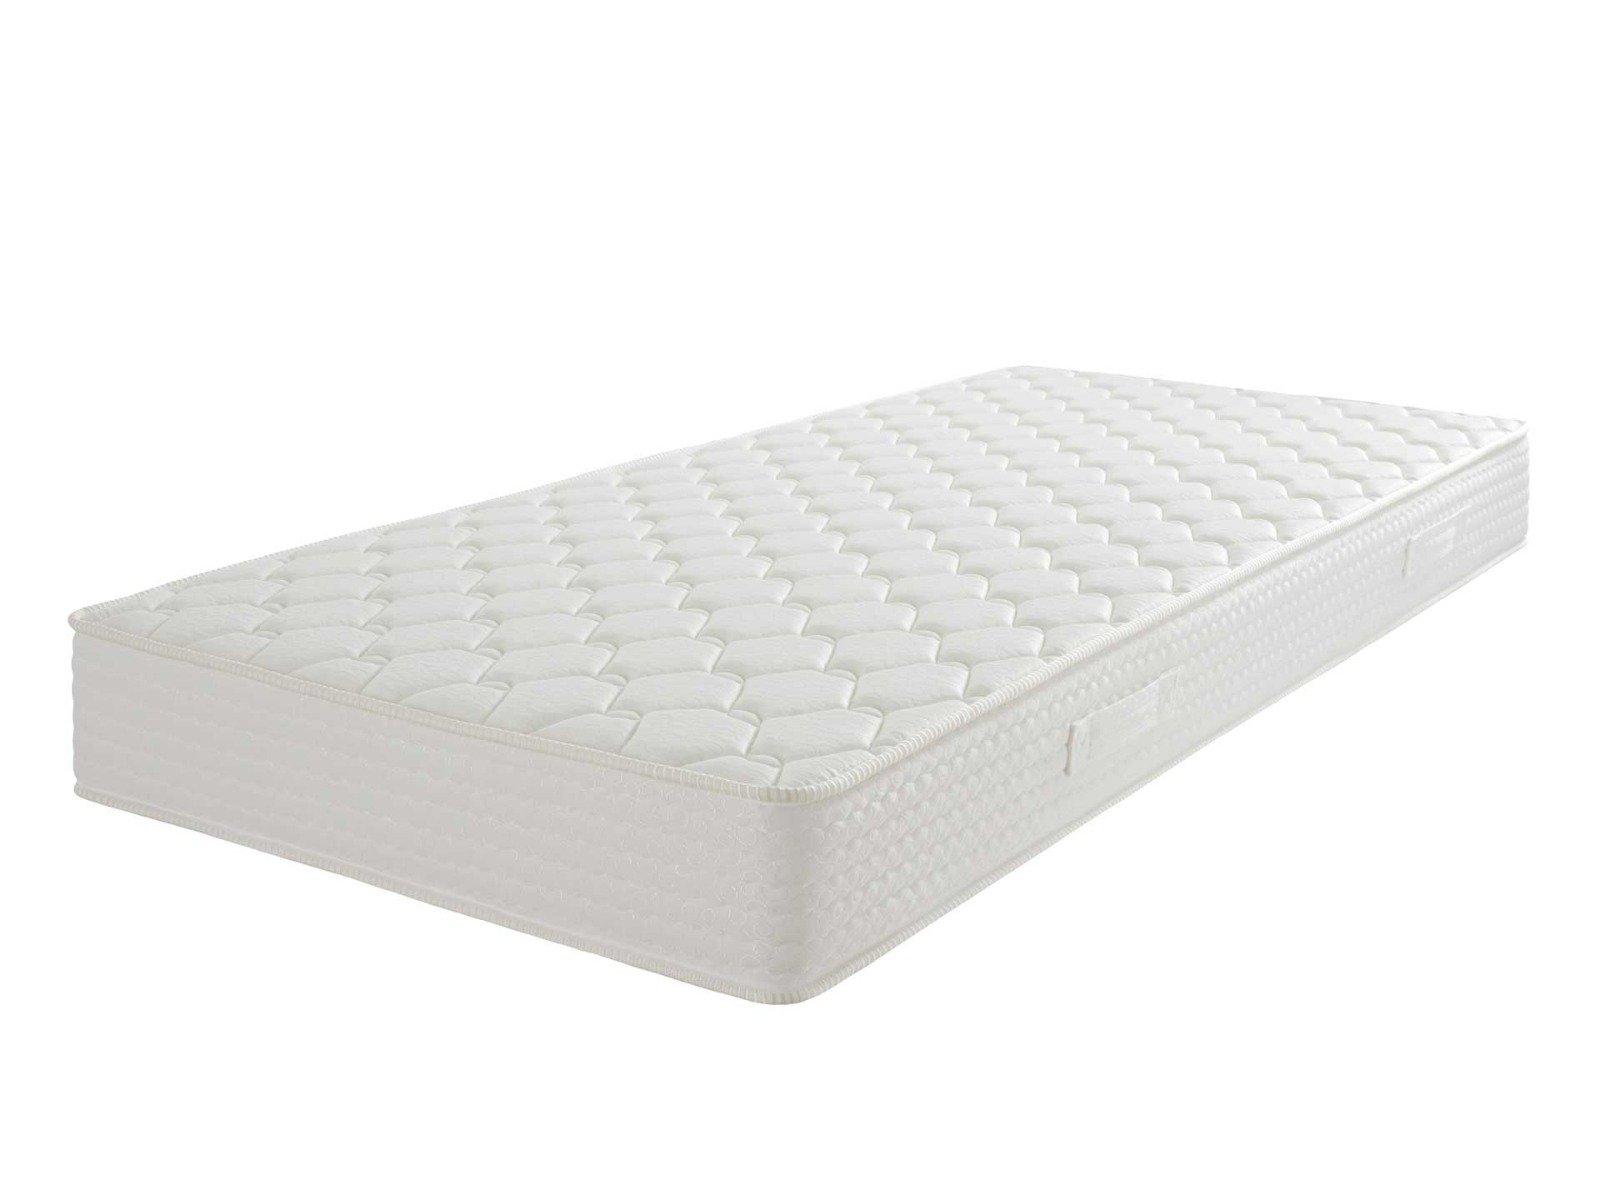 MFO Comfort Mind Plus 90x190 Höhe 20cm Kaltschaum-Kern   Schlafzimmer > Matratzen > Kaltschaum-matratzen   MFO Matratzen